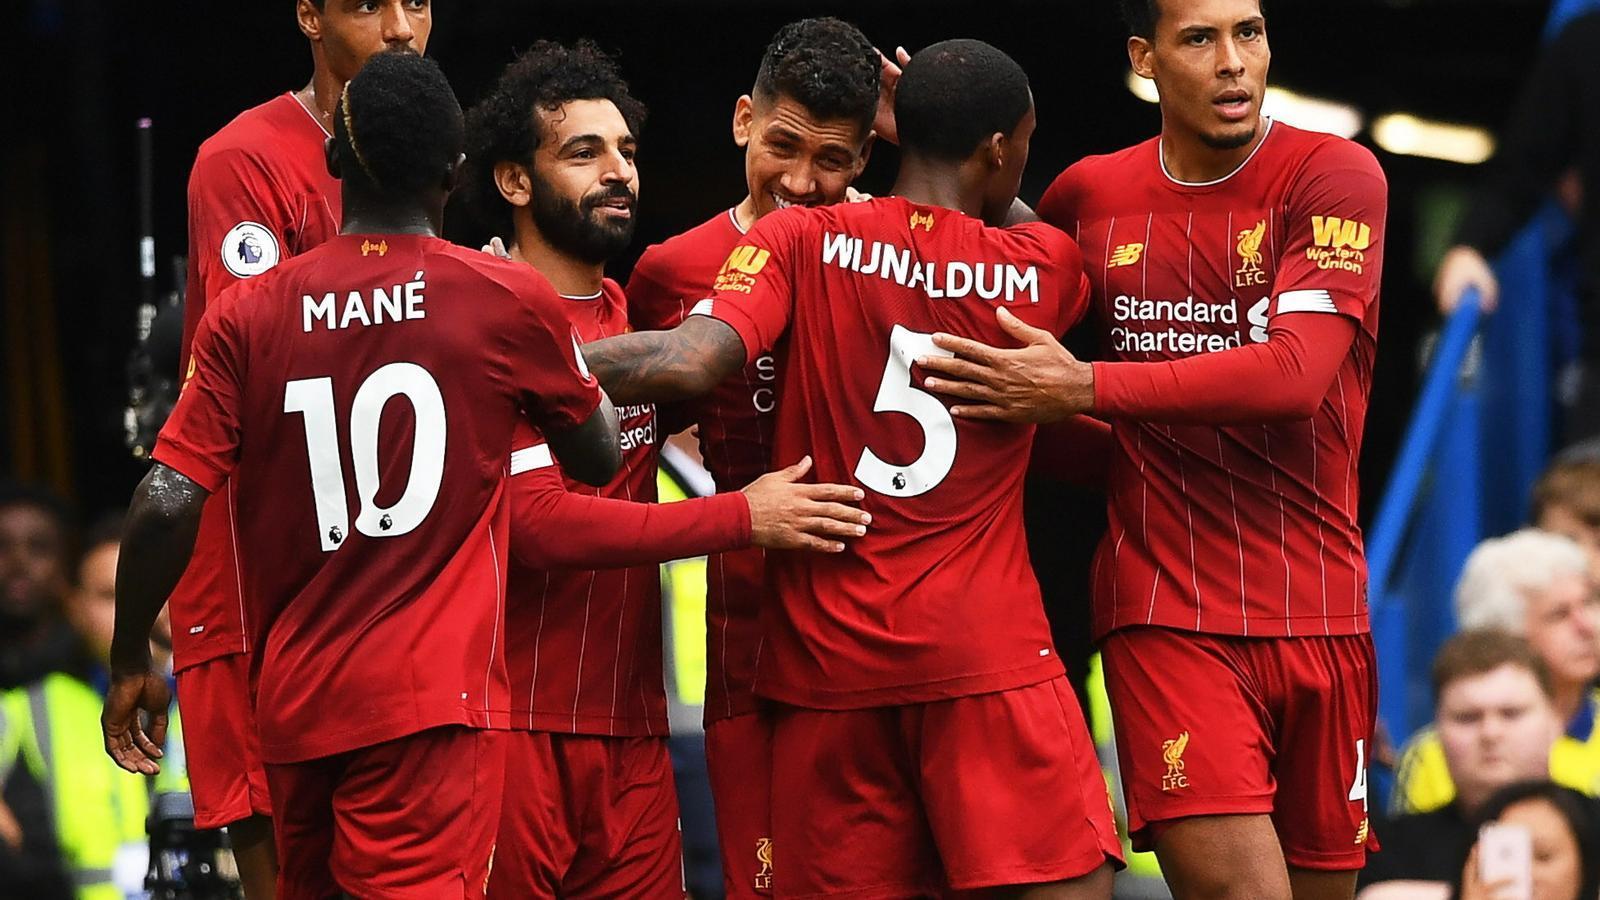 El Liverpool s'aferra al liderat de la Premier i marxa amb premi d'Stamford Bridge (1-2)